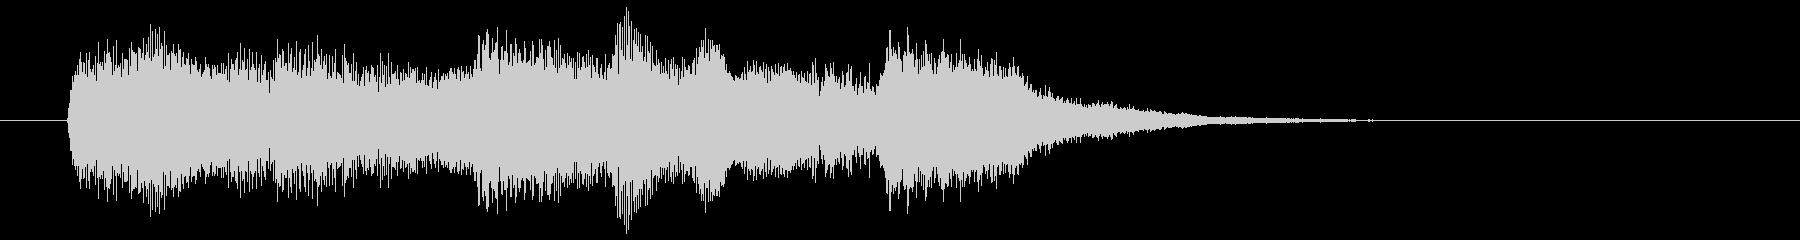 オルガンによる和やかなサウンドロゴの未再生の波形